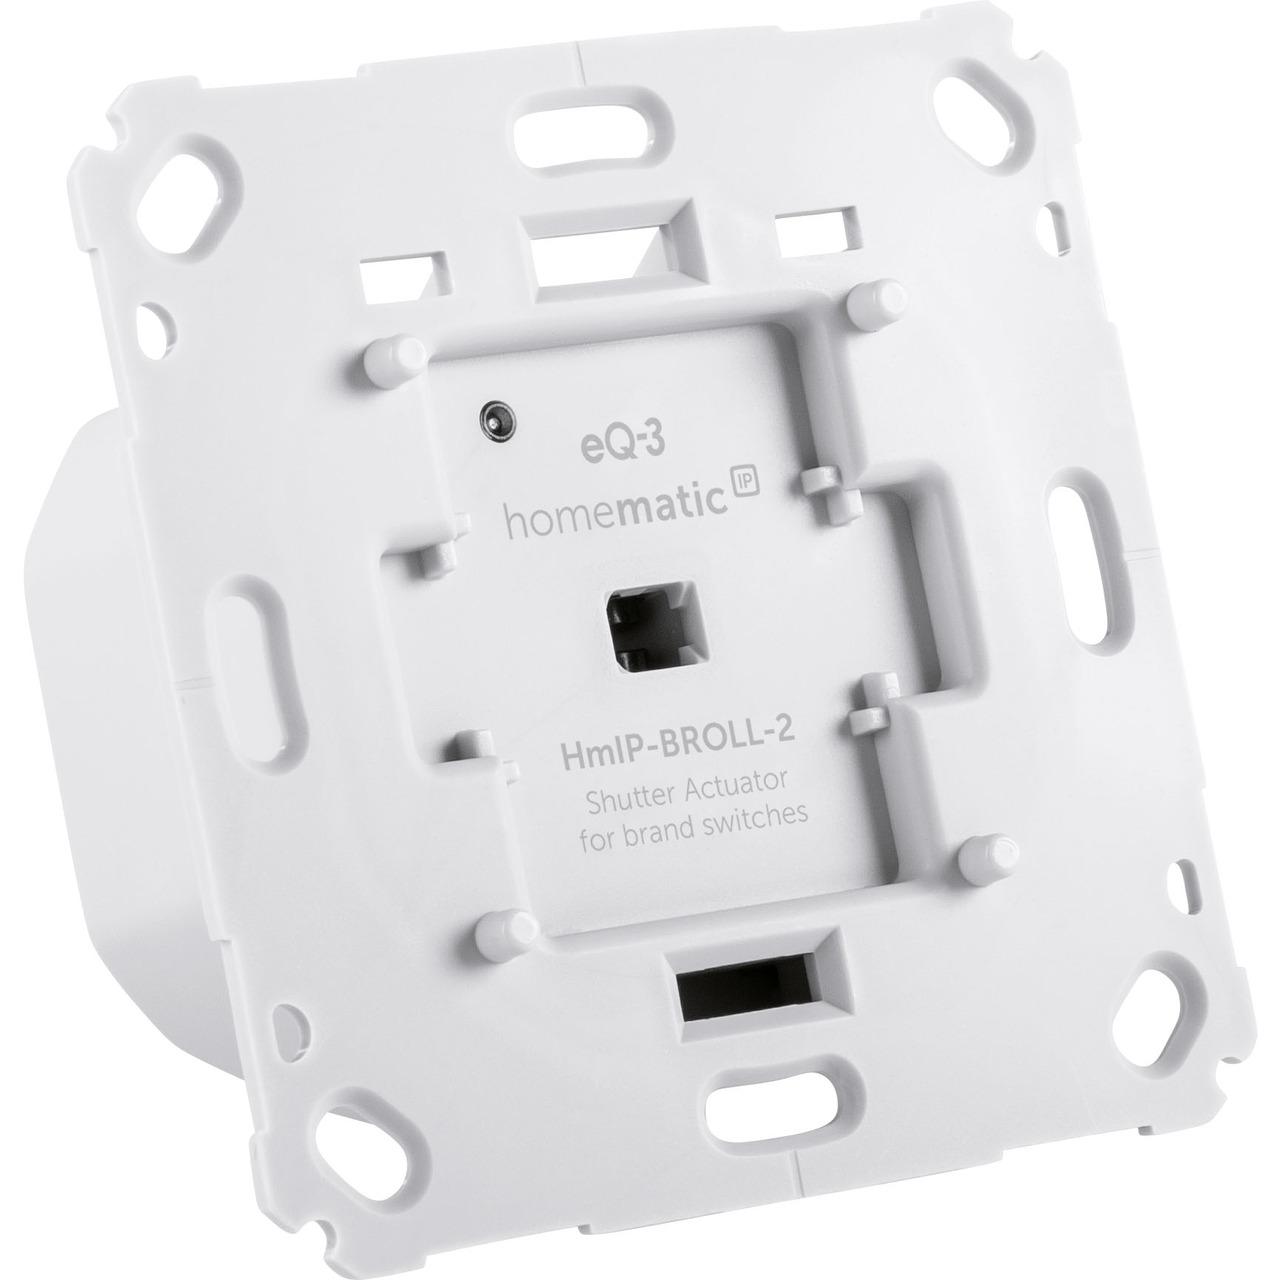 Homematic IP Rollladenaktor HmIP-BROLL für Markenschalter- auch für Markisenmotoren geeignet